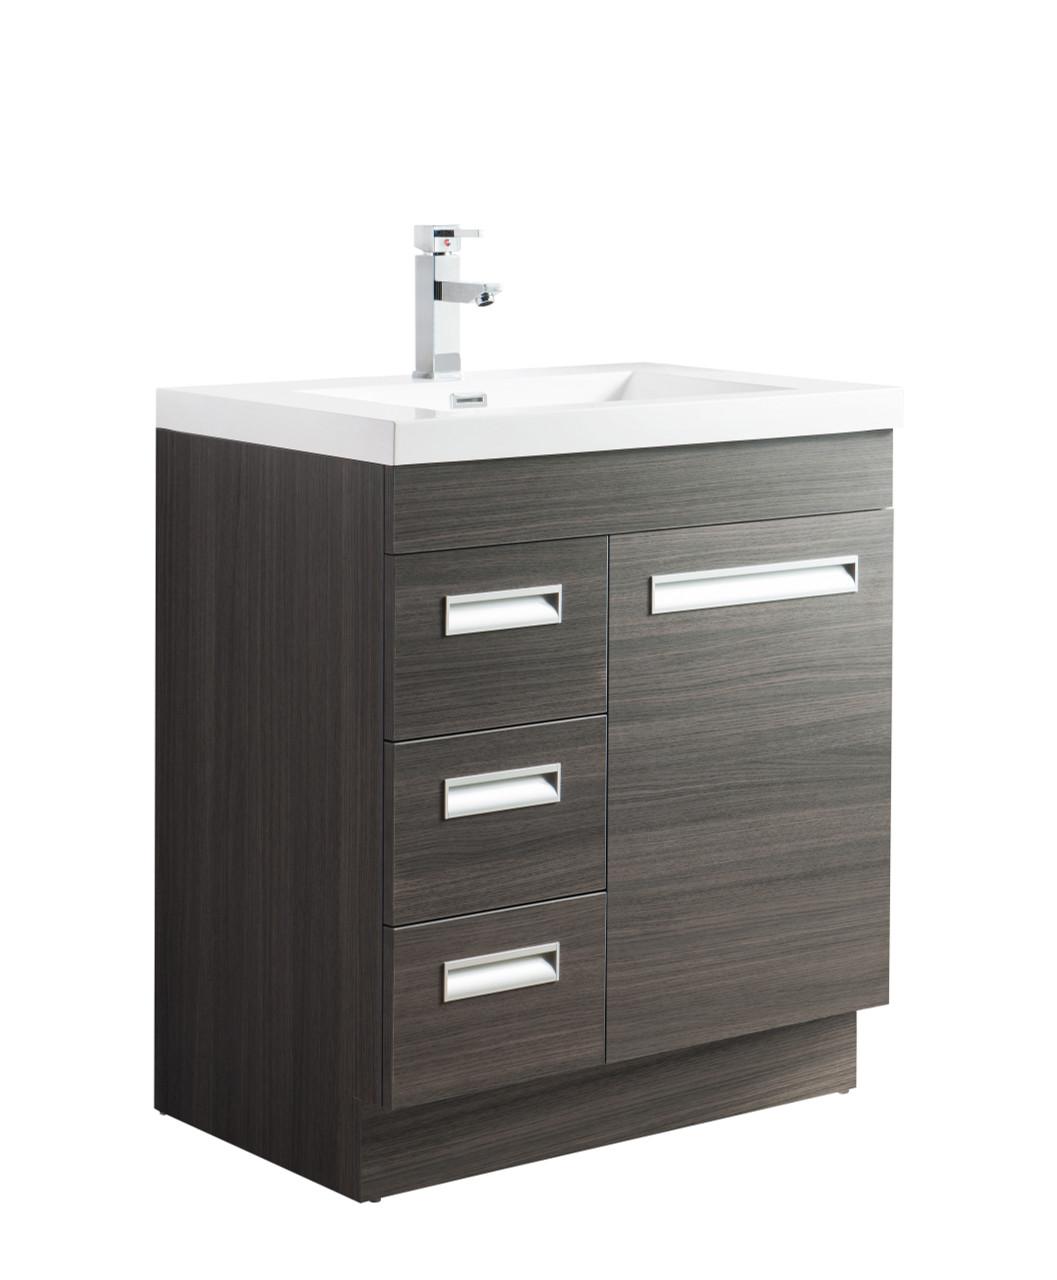 Alma 30 Free Standing Modern Bathroom Vanity With Drawers On Left Side Gray Oak Los Angeles Vanity